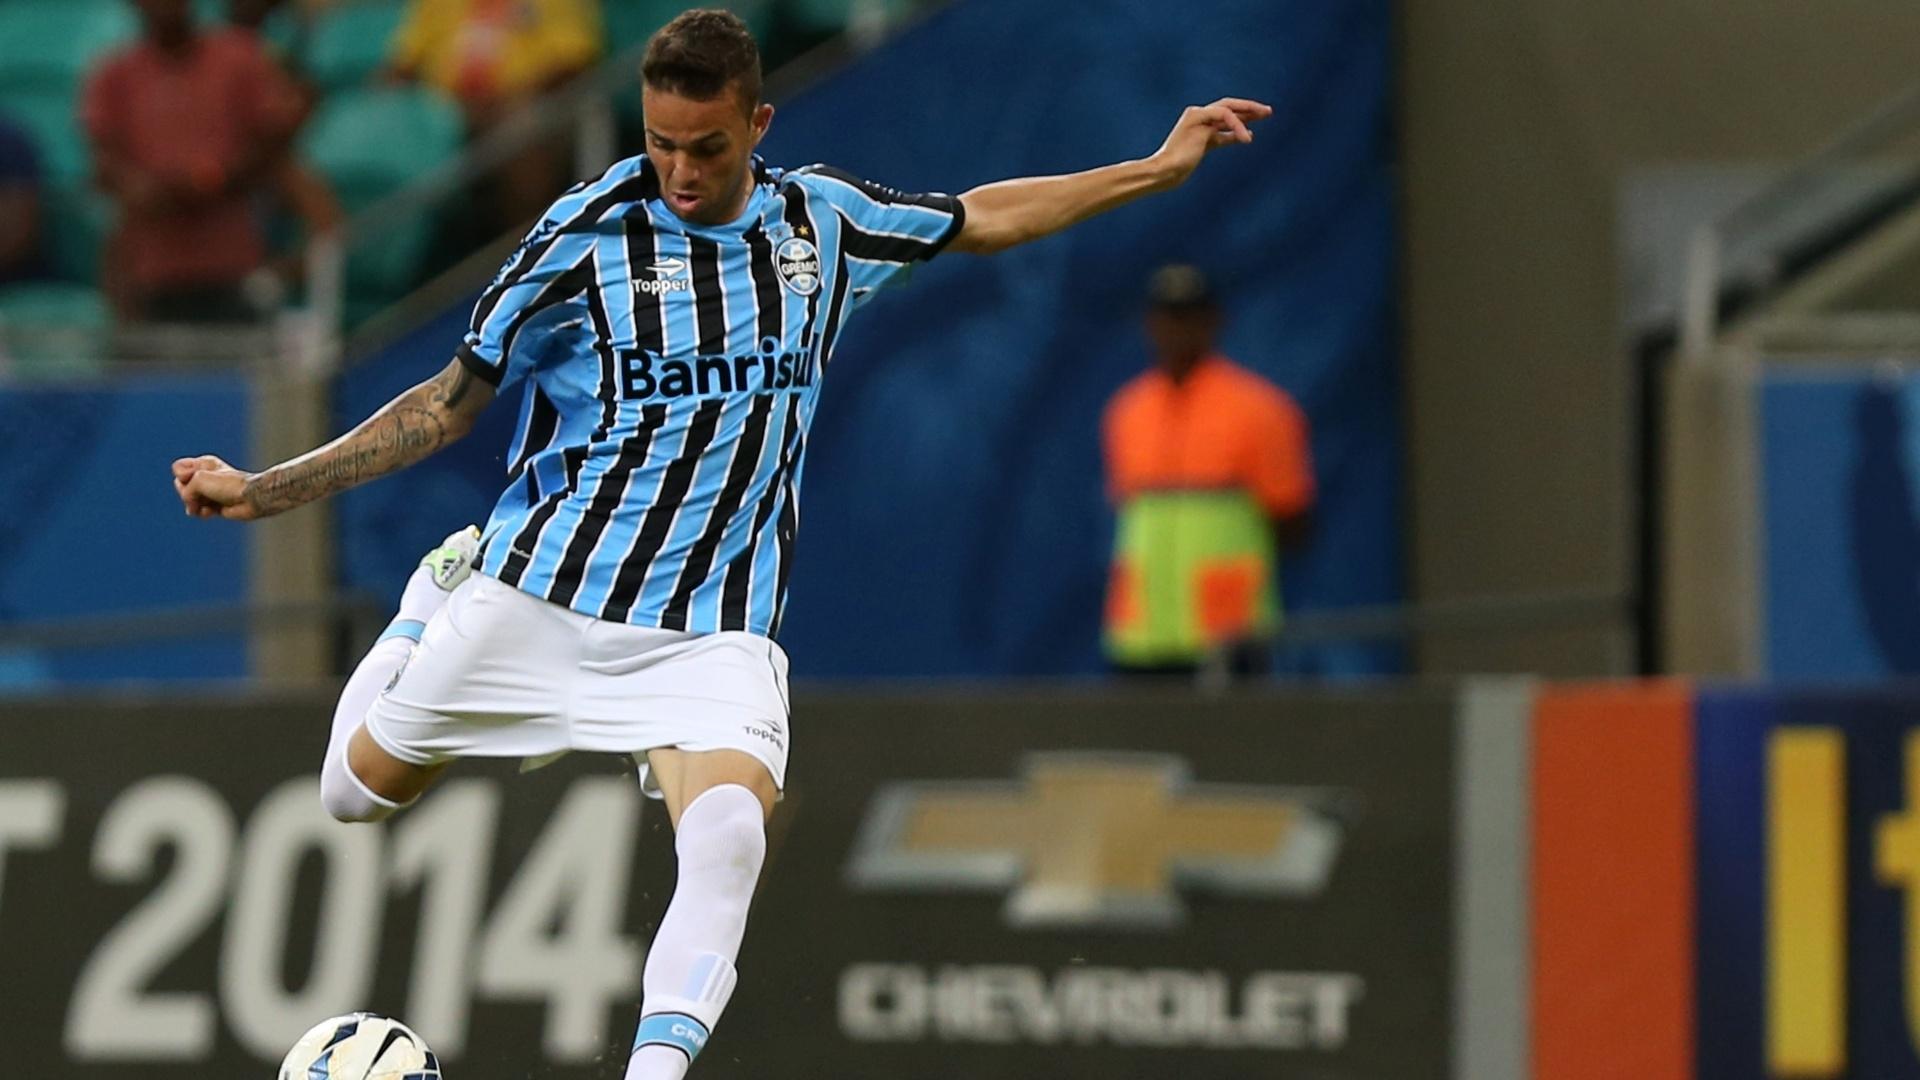 Luan prepara o chute no duelo do Grêmio fora de casa contra o Bahia